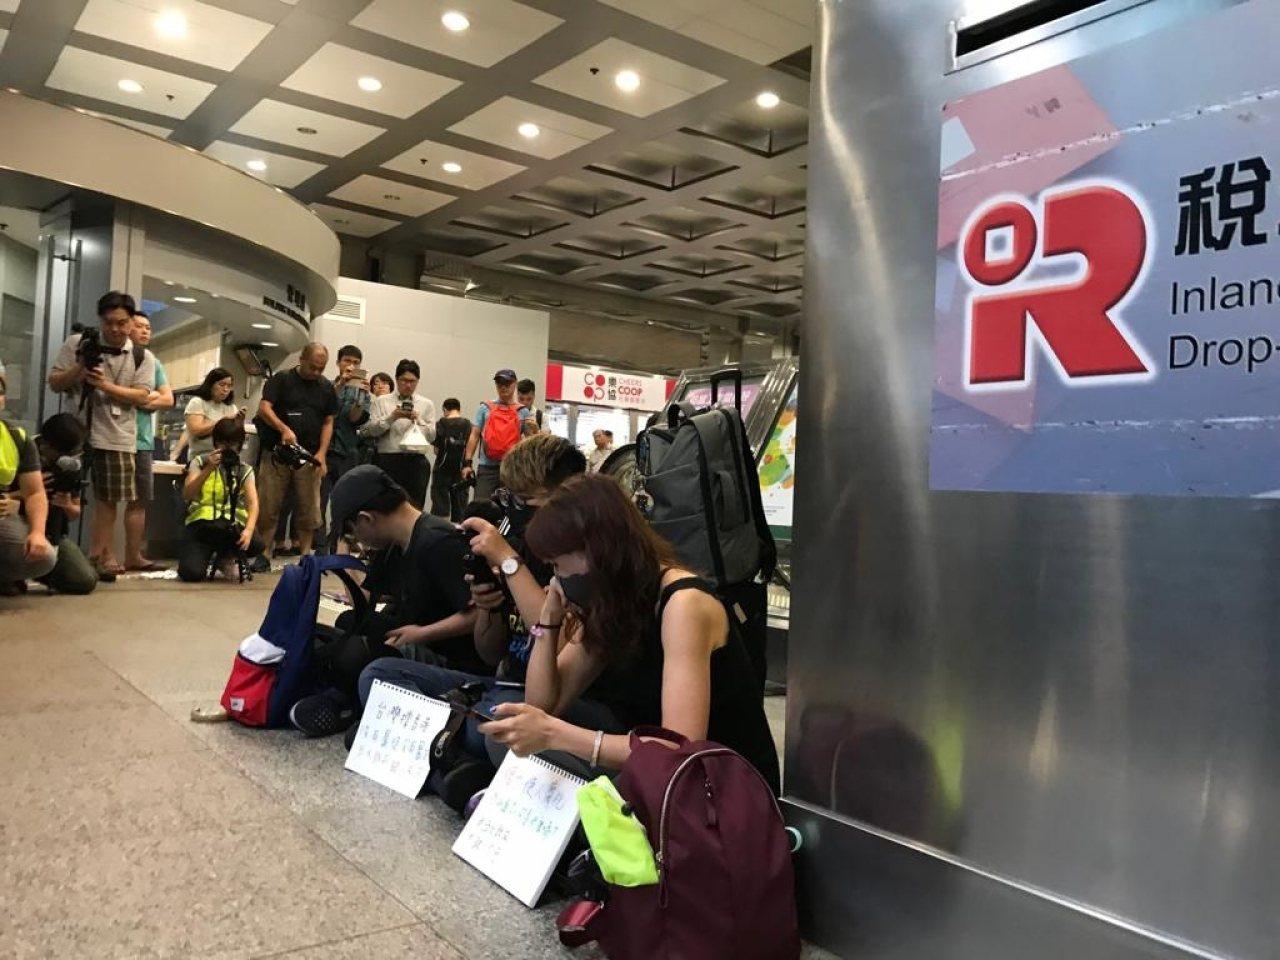 十多人響應號召稅務大樓靜坐,有台灣旅客參與。取自香港電台